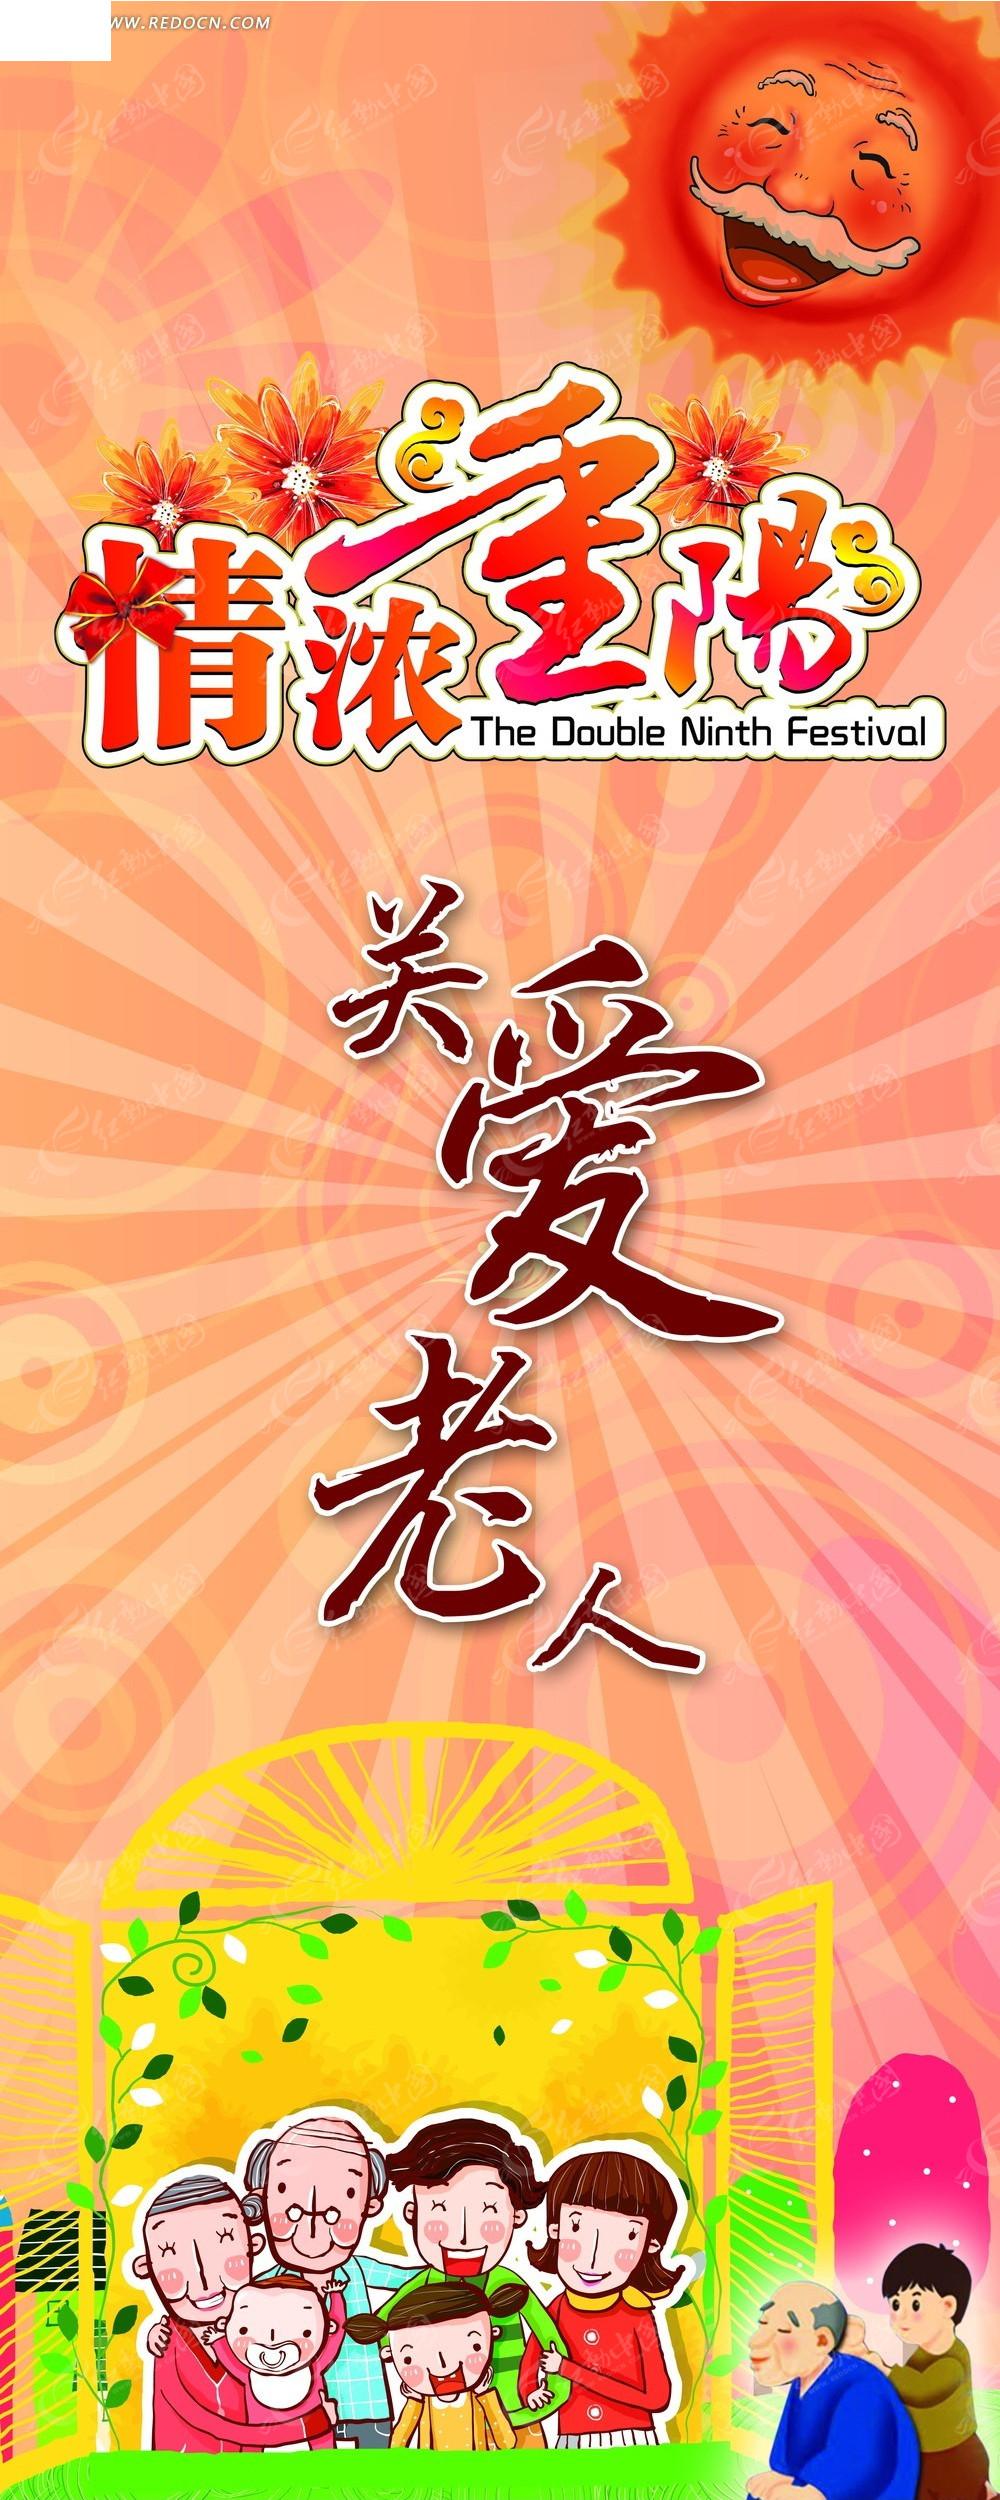 重阳节 老人_重阳节的来历、关爱老人的一些文章、关于重阳的诗词、给老年 ...